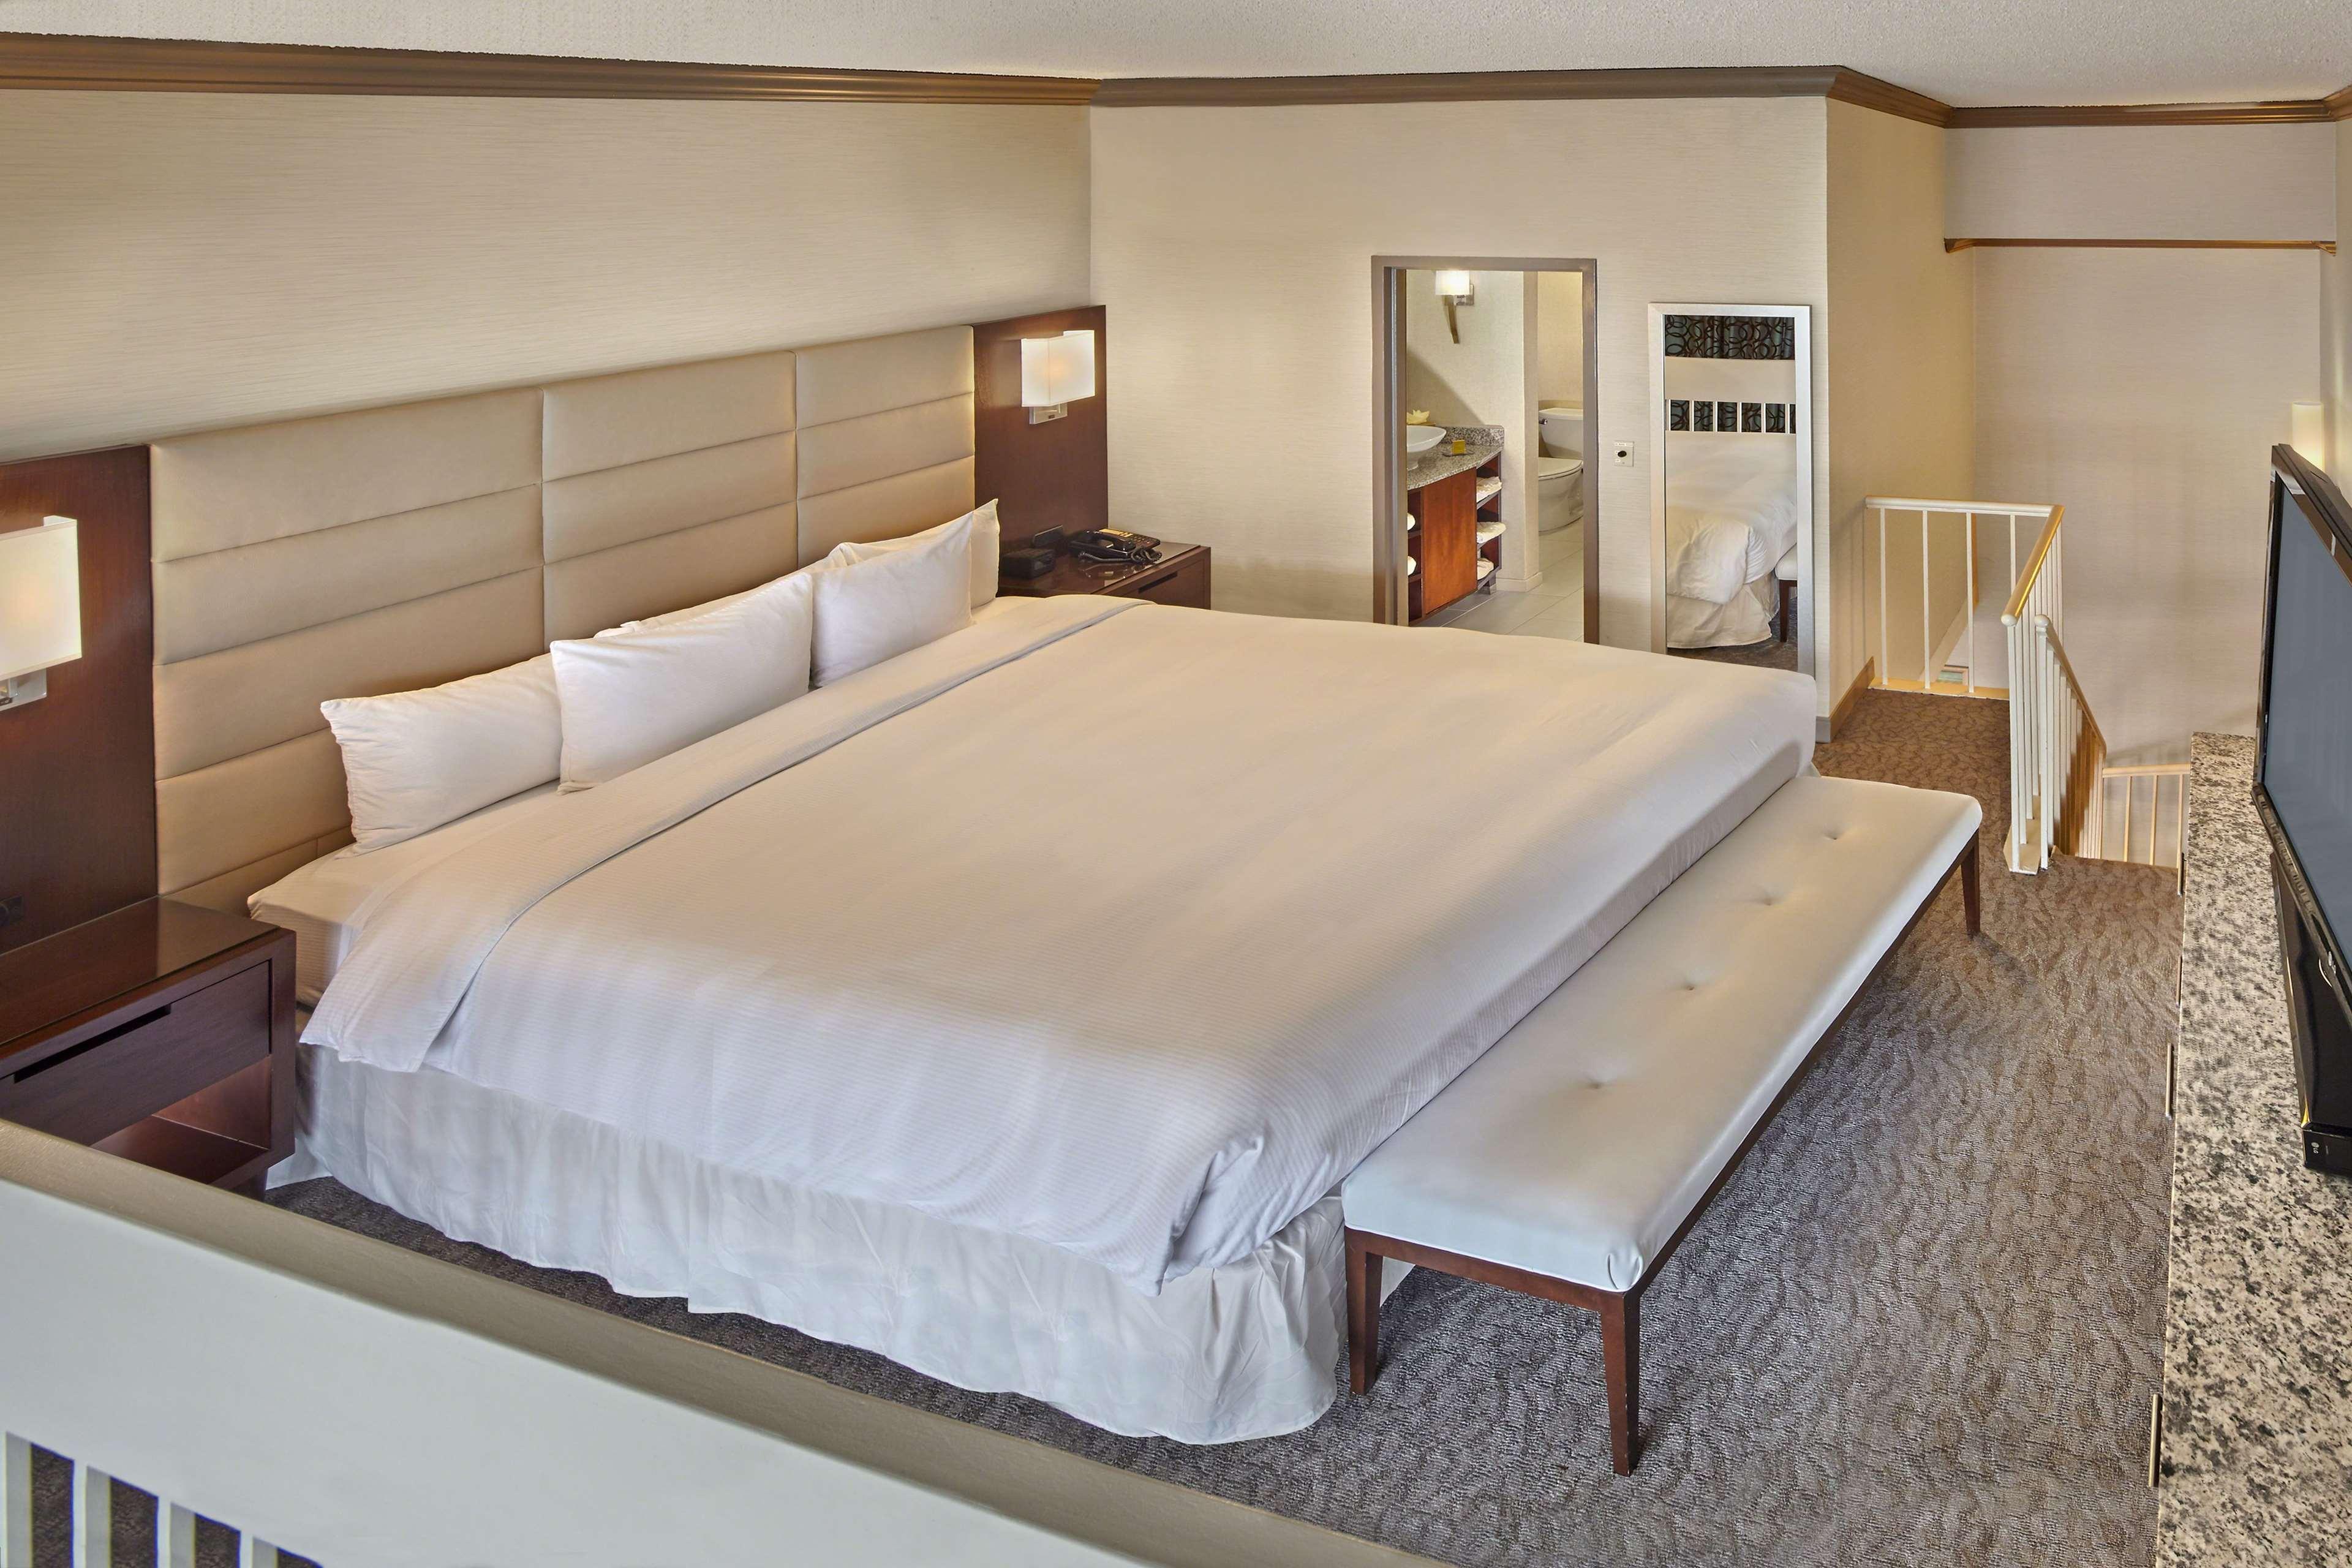 DoubleTree by Hilton Hotel Little Rock image 26